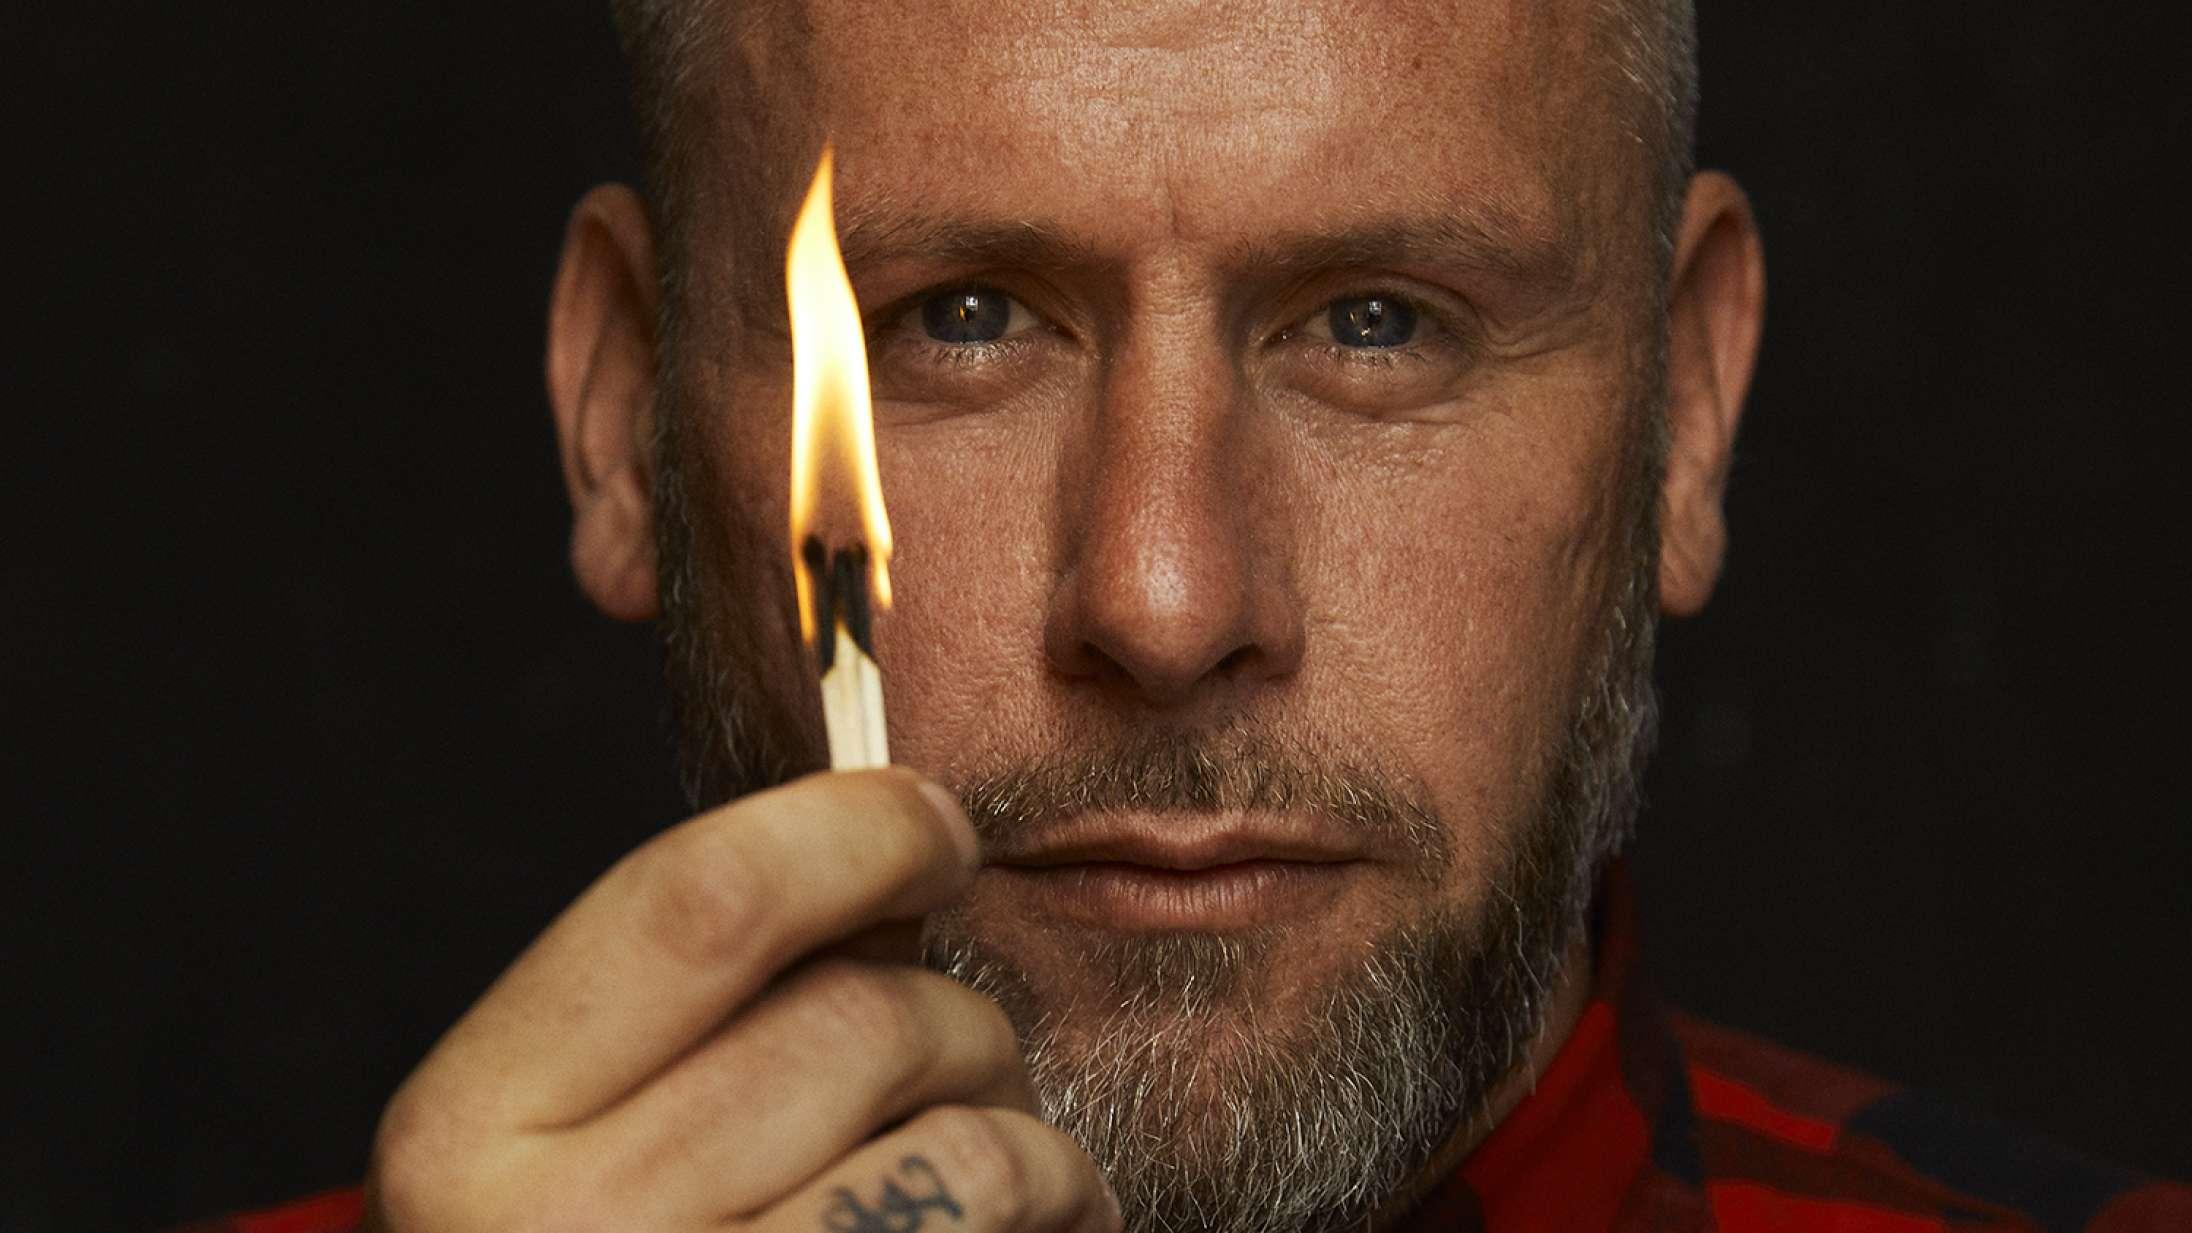 L.O.C. udgiver tre nye sange – inklusive et nummer med et af Aarhus' nye raptalenter